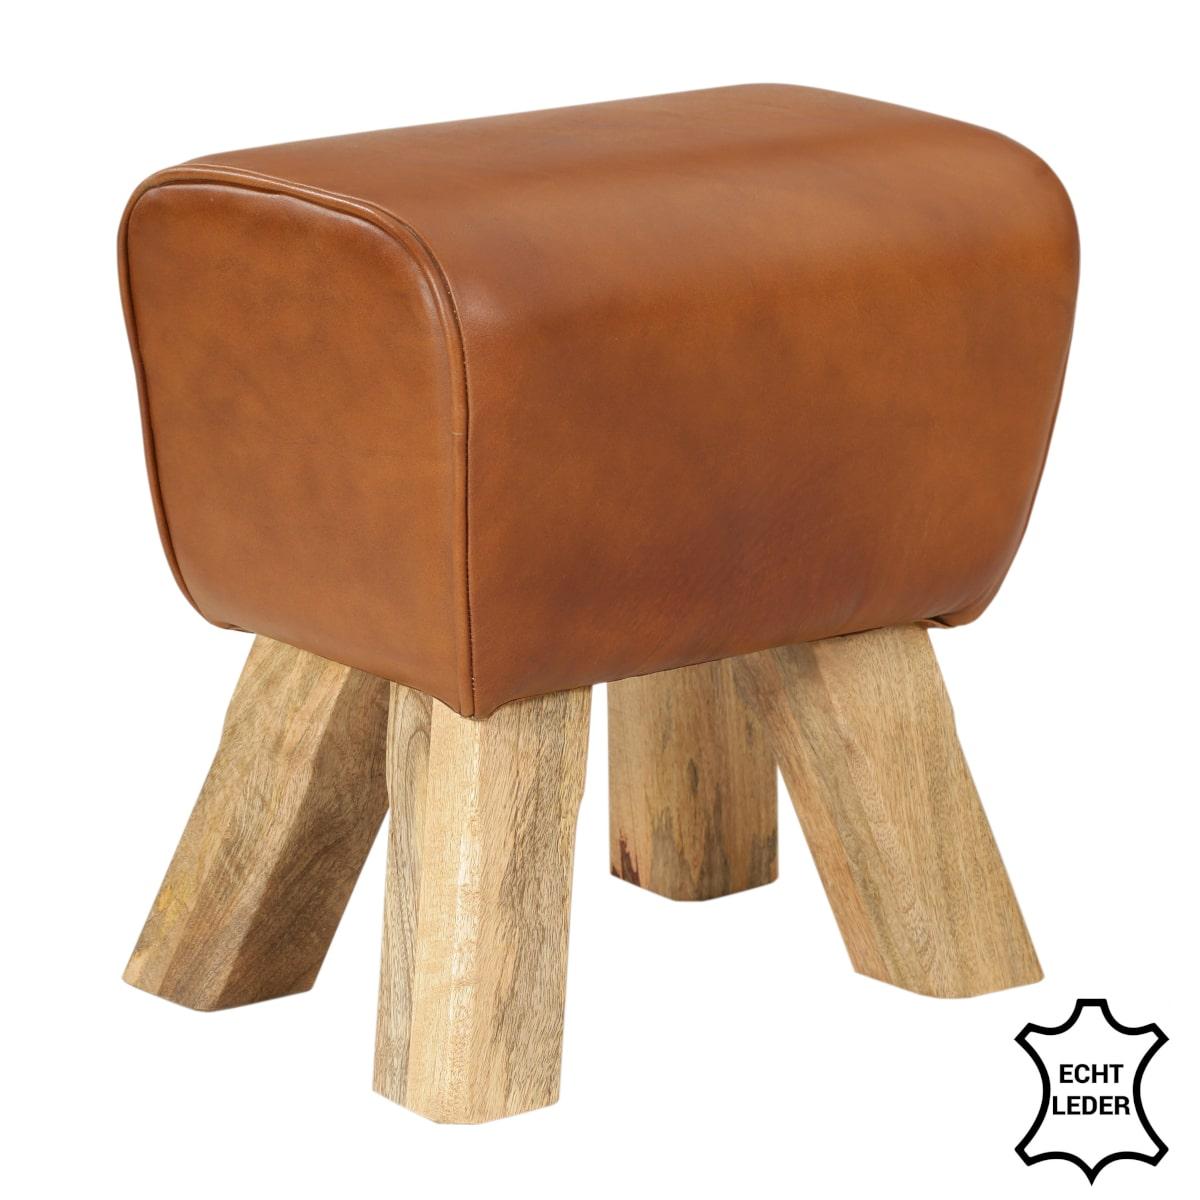 Turnbock Hocker Büffelleder